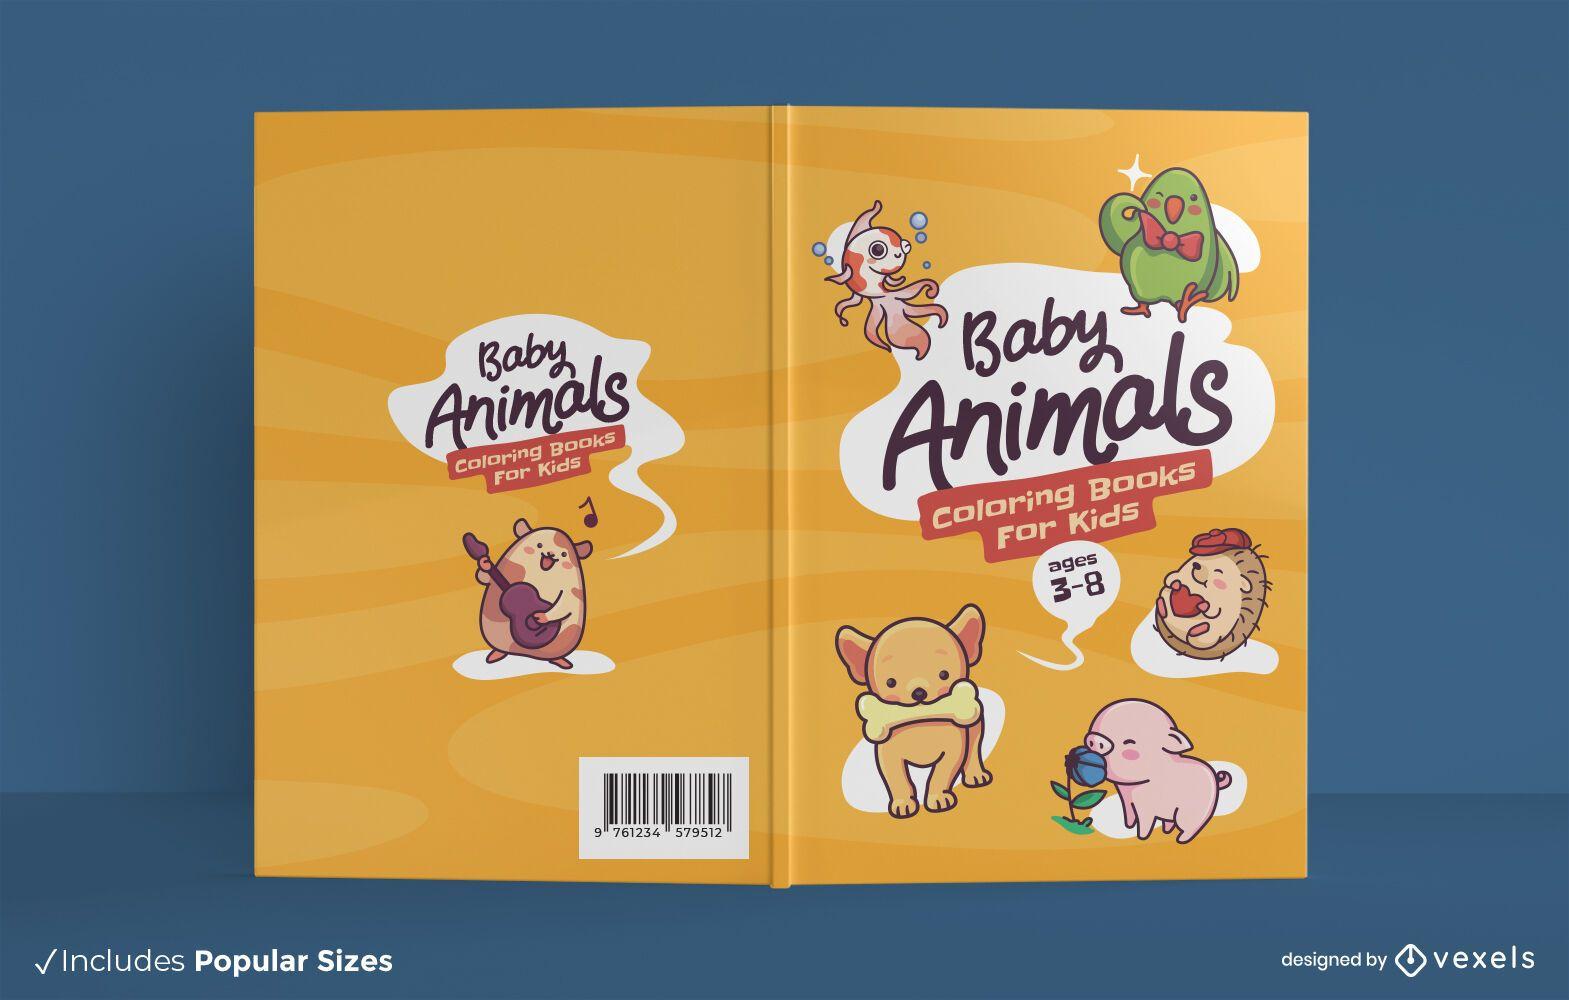 Dise?o de portada de libro para colorear de animales beb?s